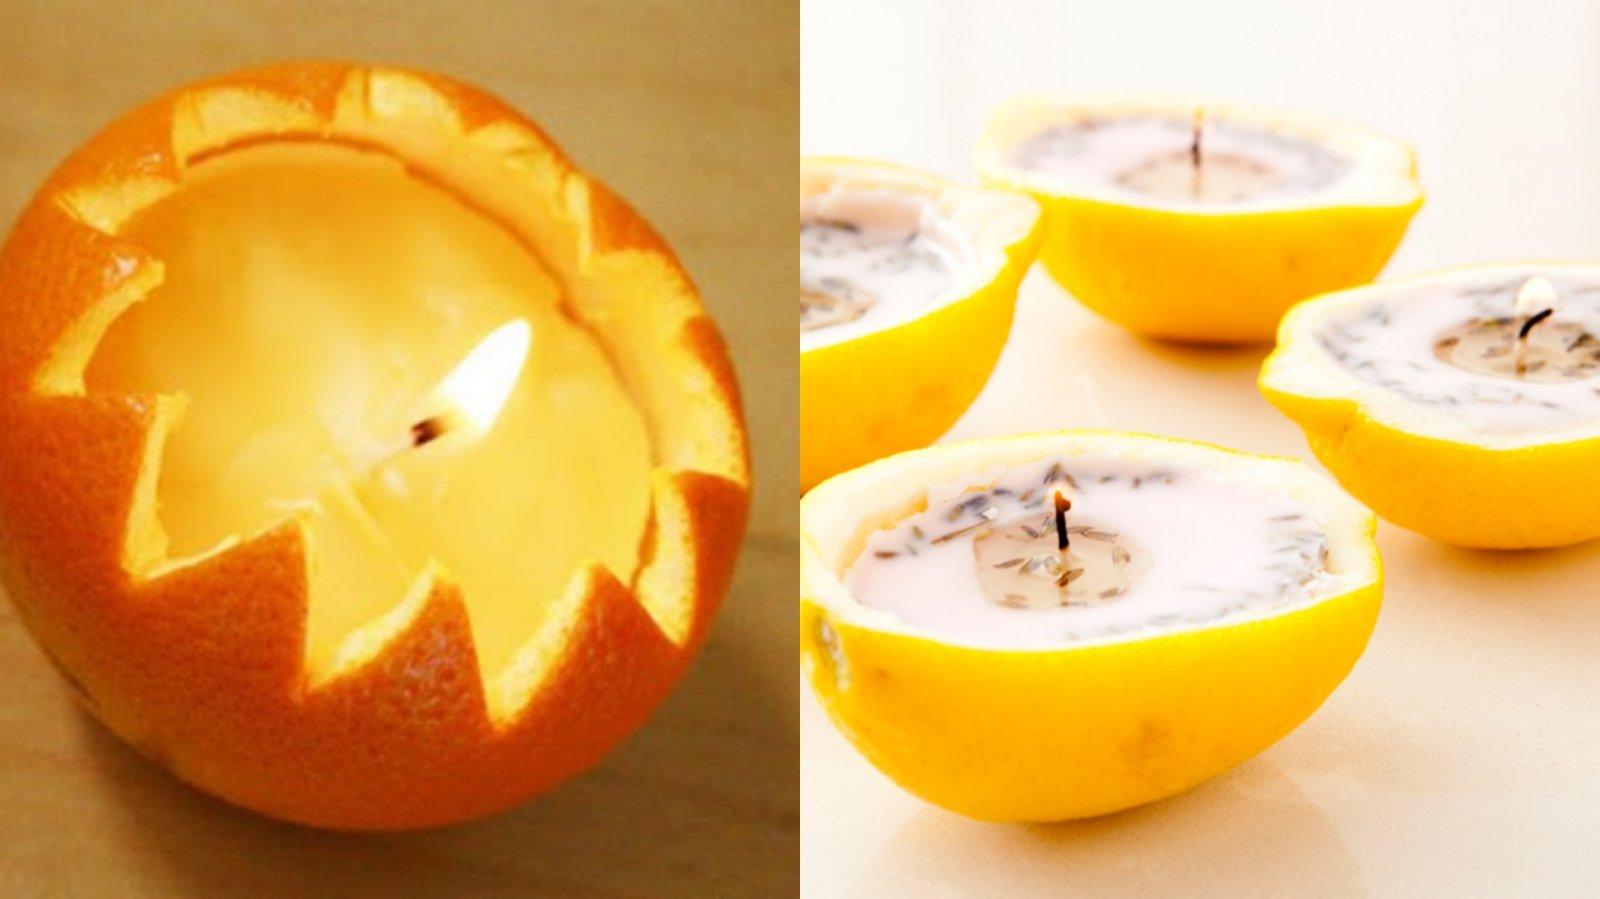 Bí quyết làm nến thơm đuổi muỗi từ vỏ cam, chanh